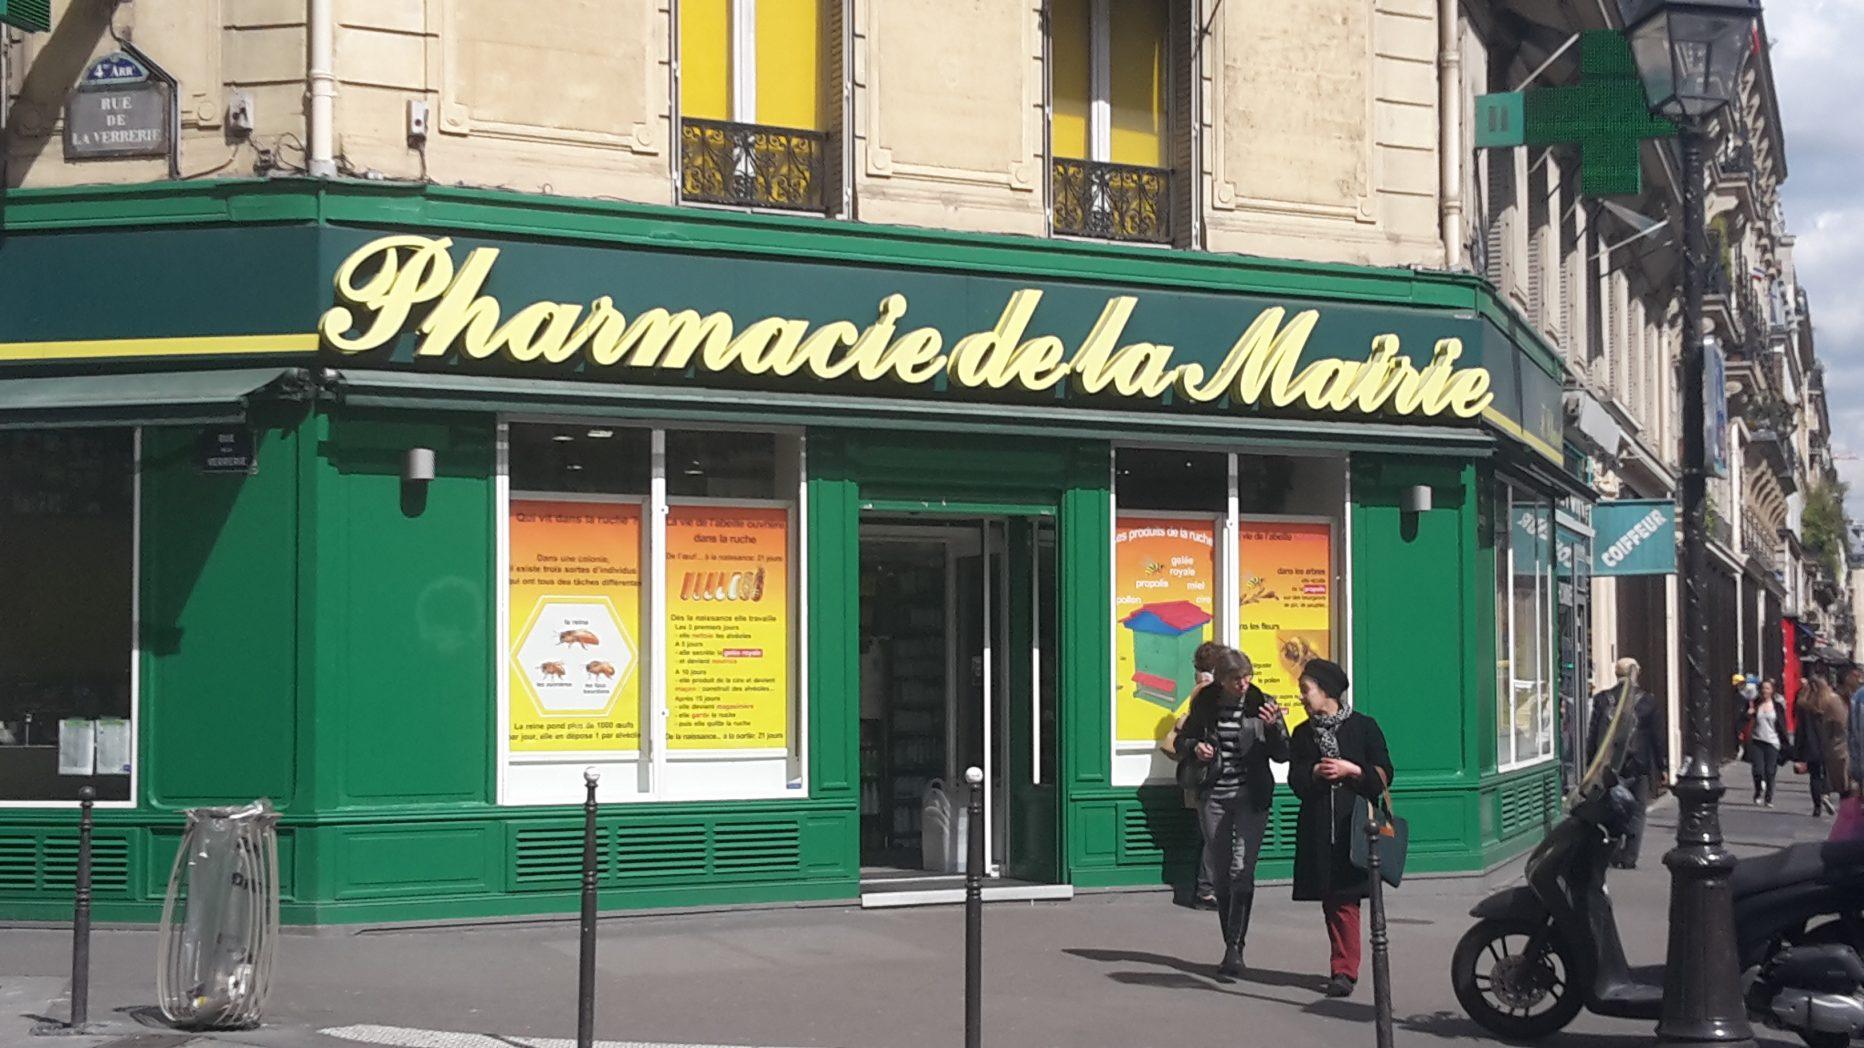 Pharmacie de la mairie paris en m tro for Pharmacie de la piscine